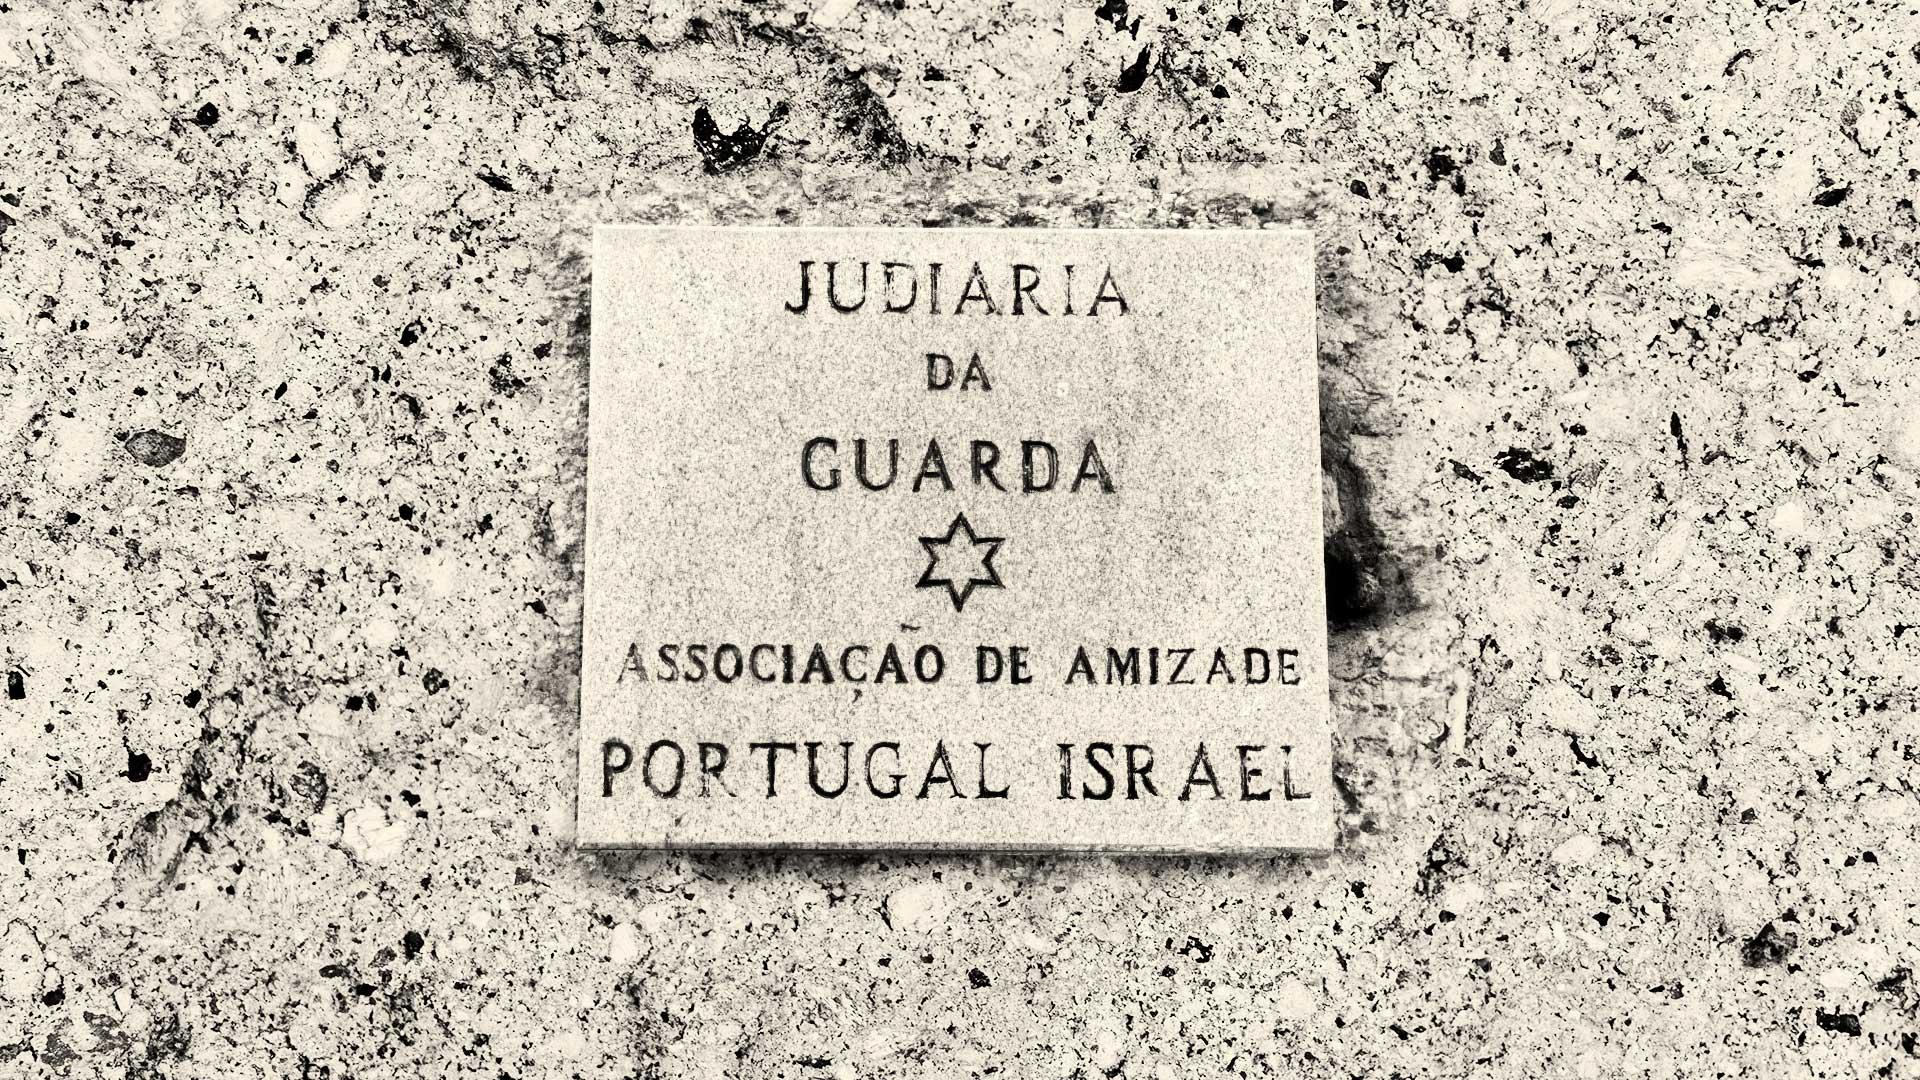 JUDIARIA DA GUARDA